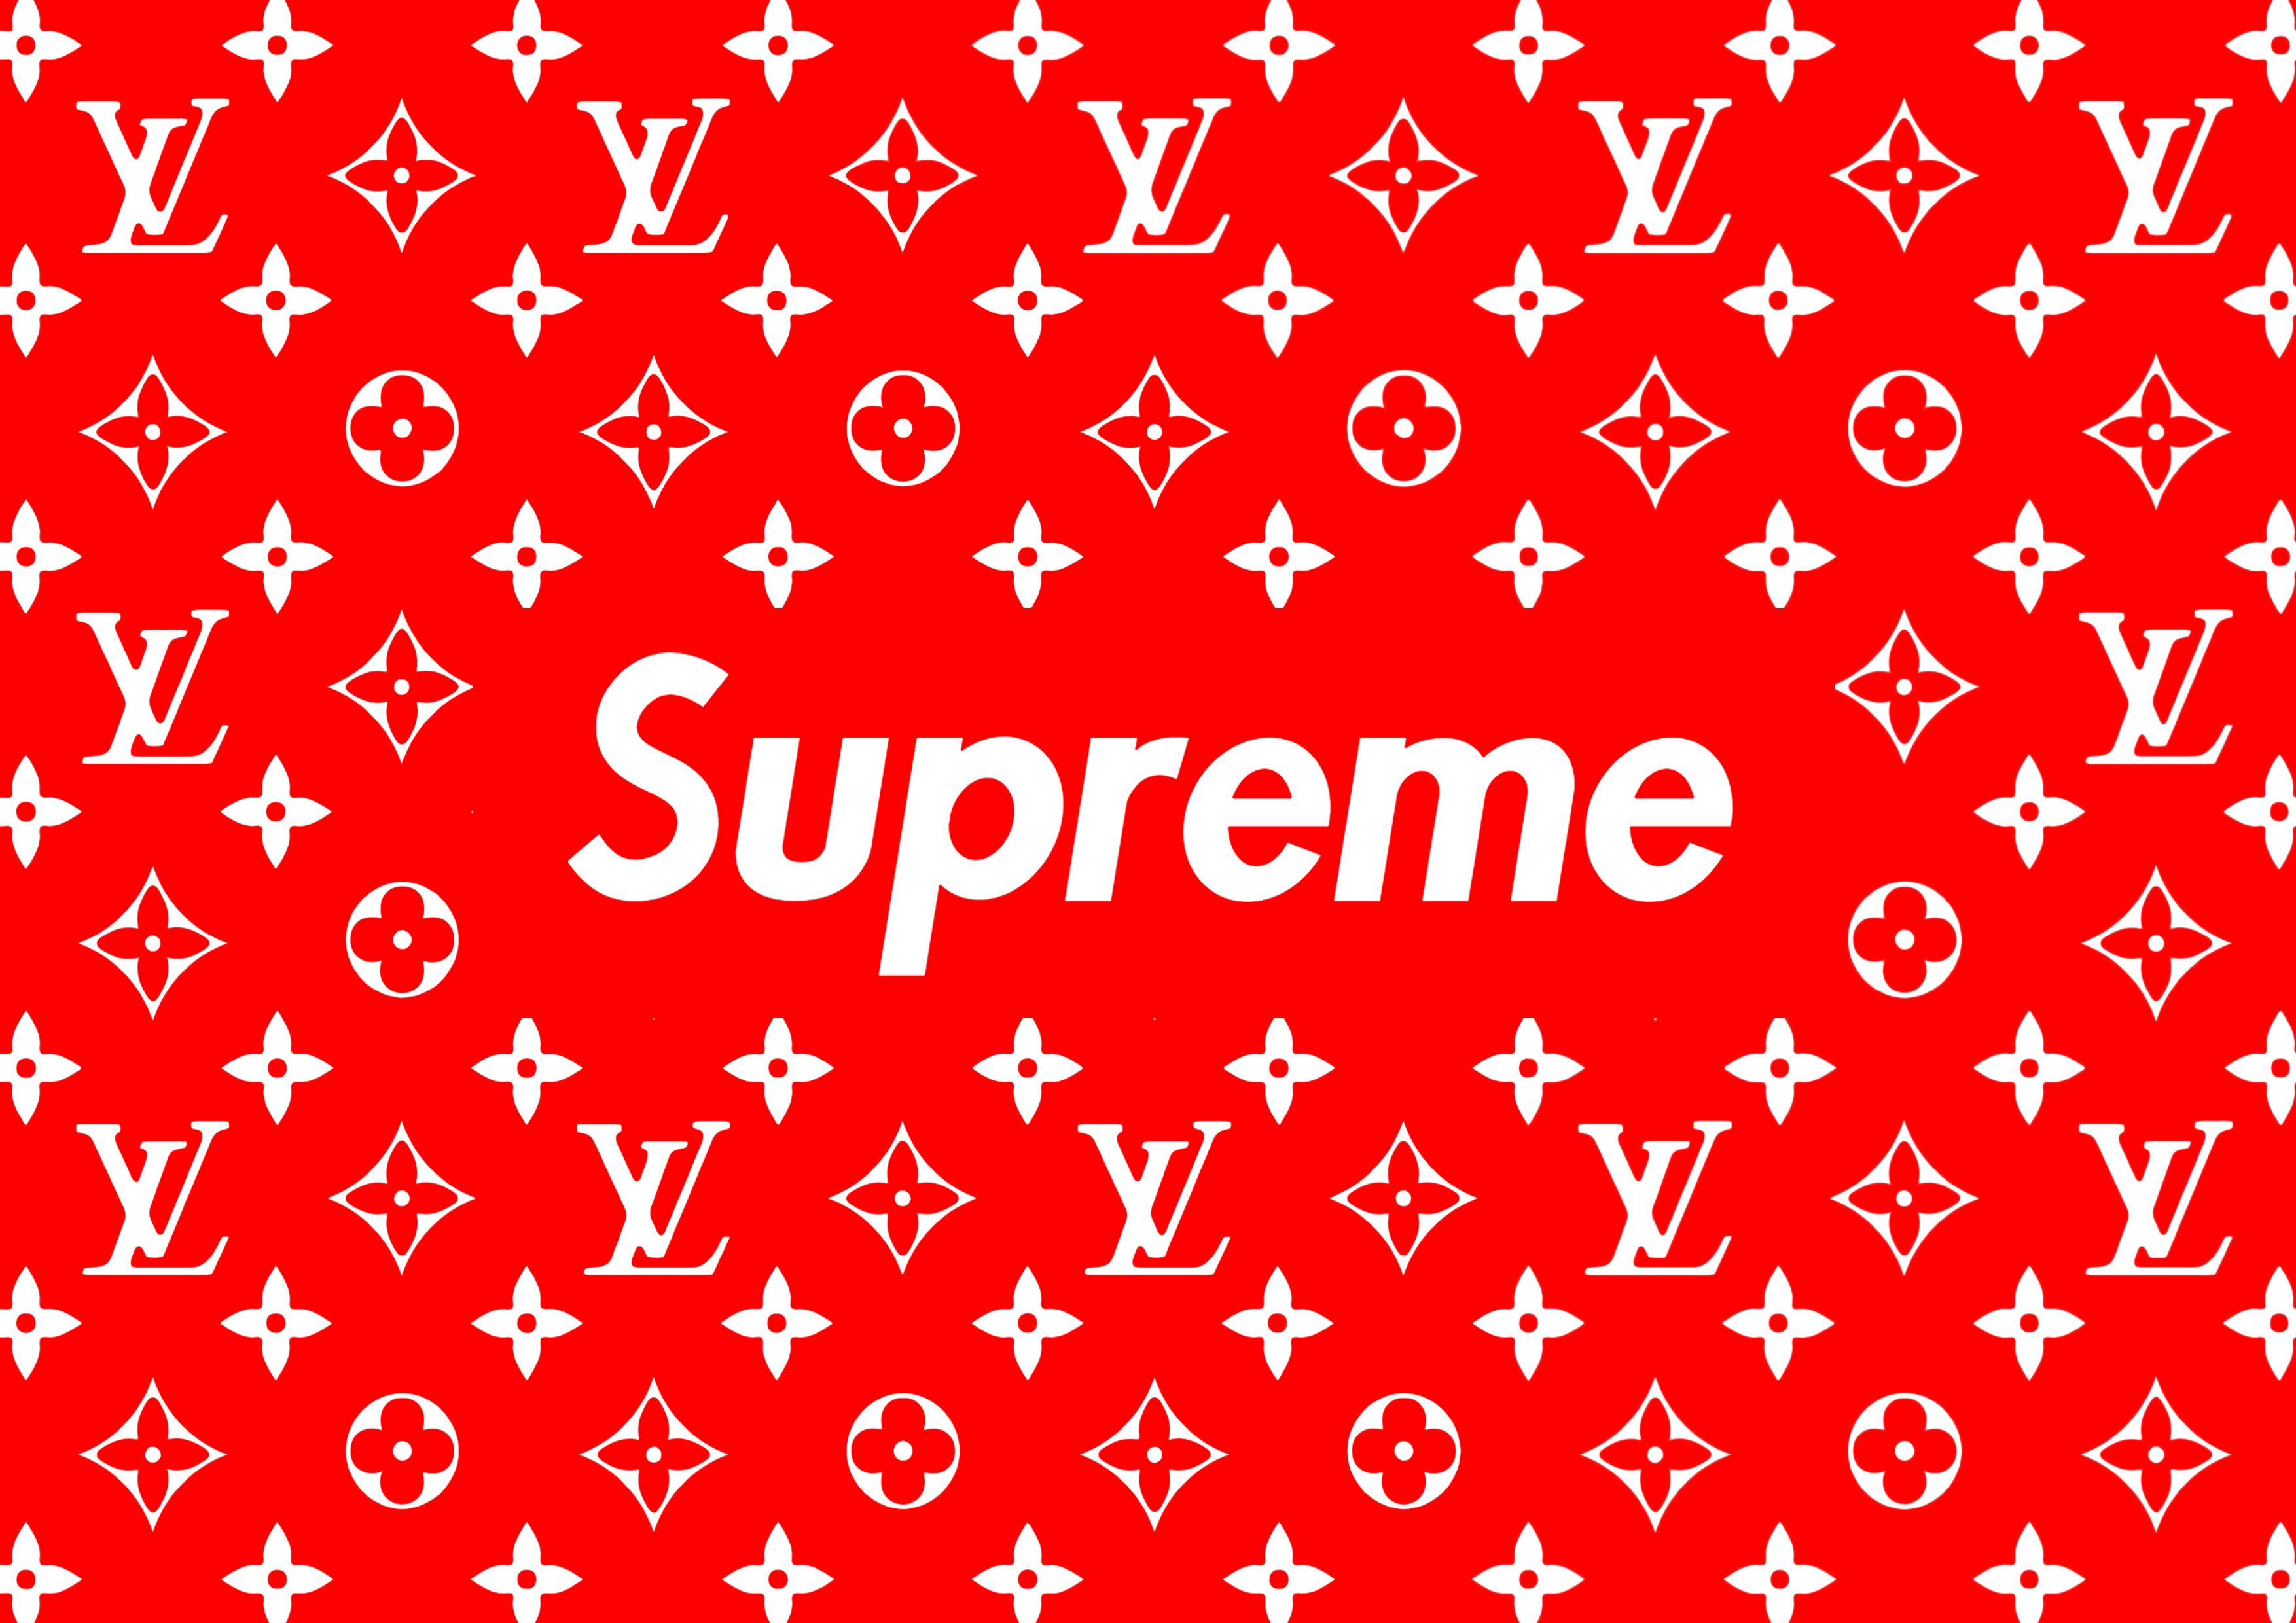 Supreme Louis Vuitton Wallpapers Top Free Supreme Louis